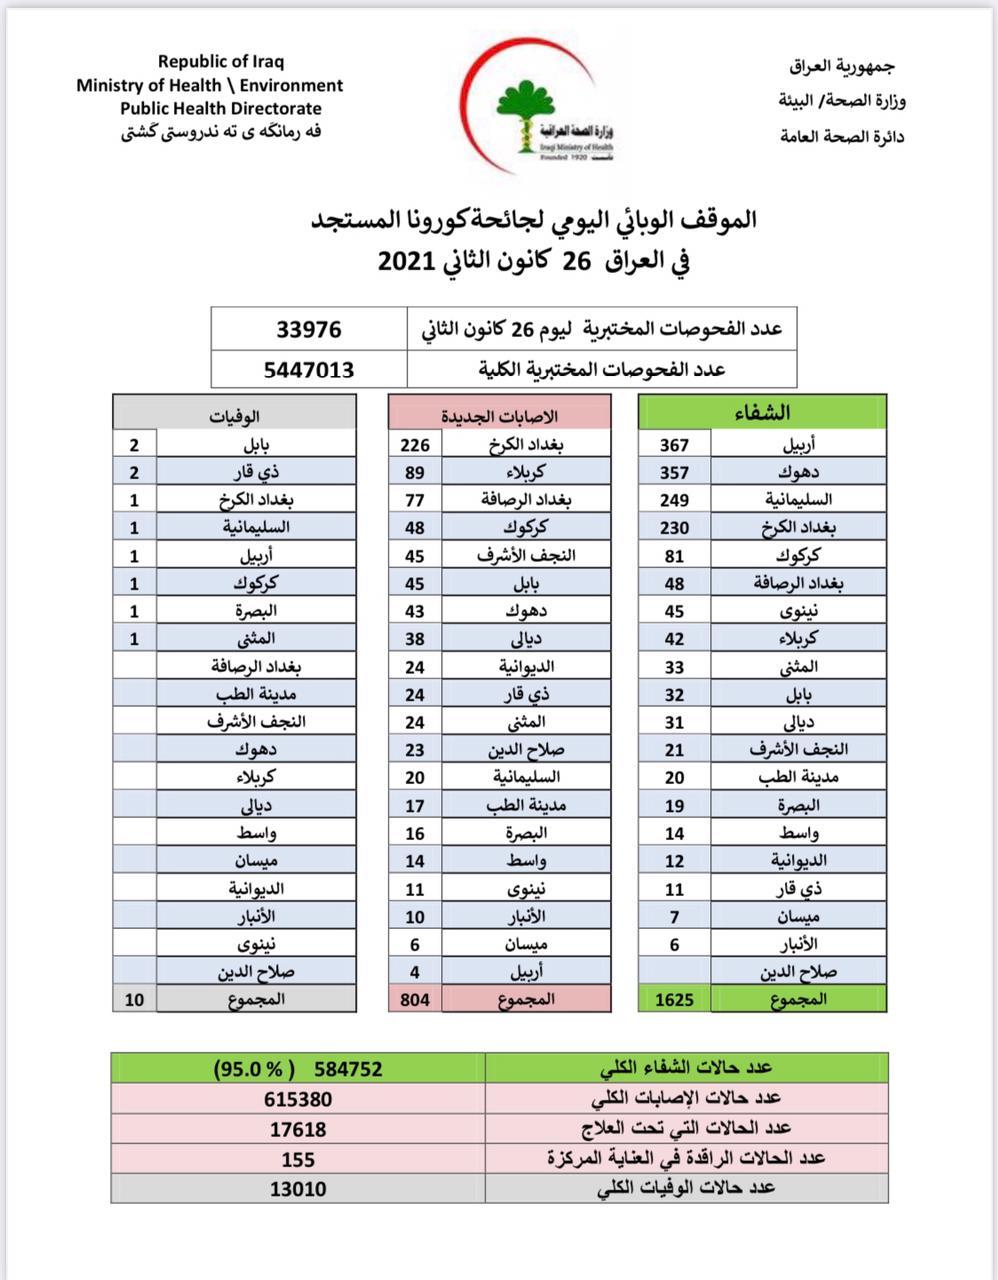 كورونا العراق .. 804 إصابات جديدة و10 حالات وفاة